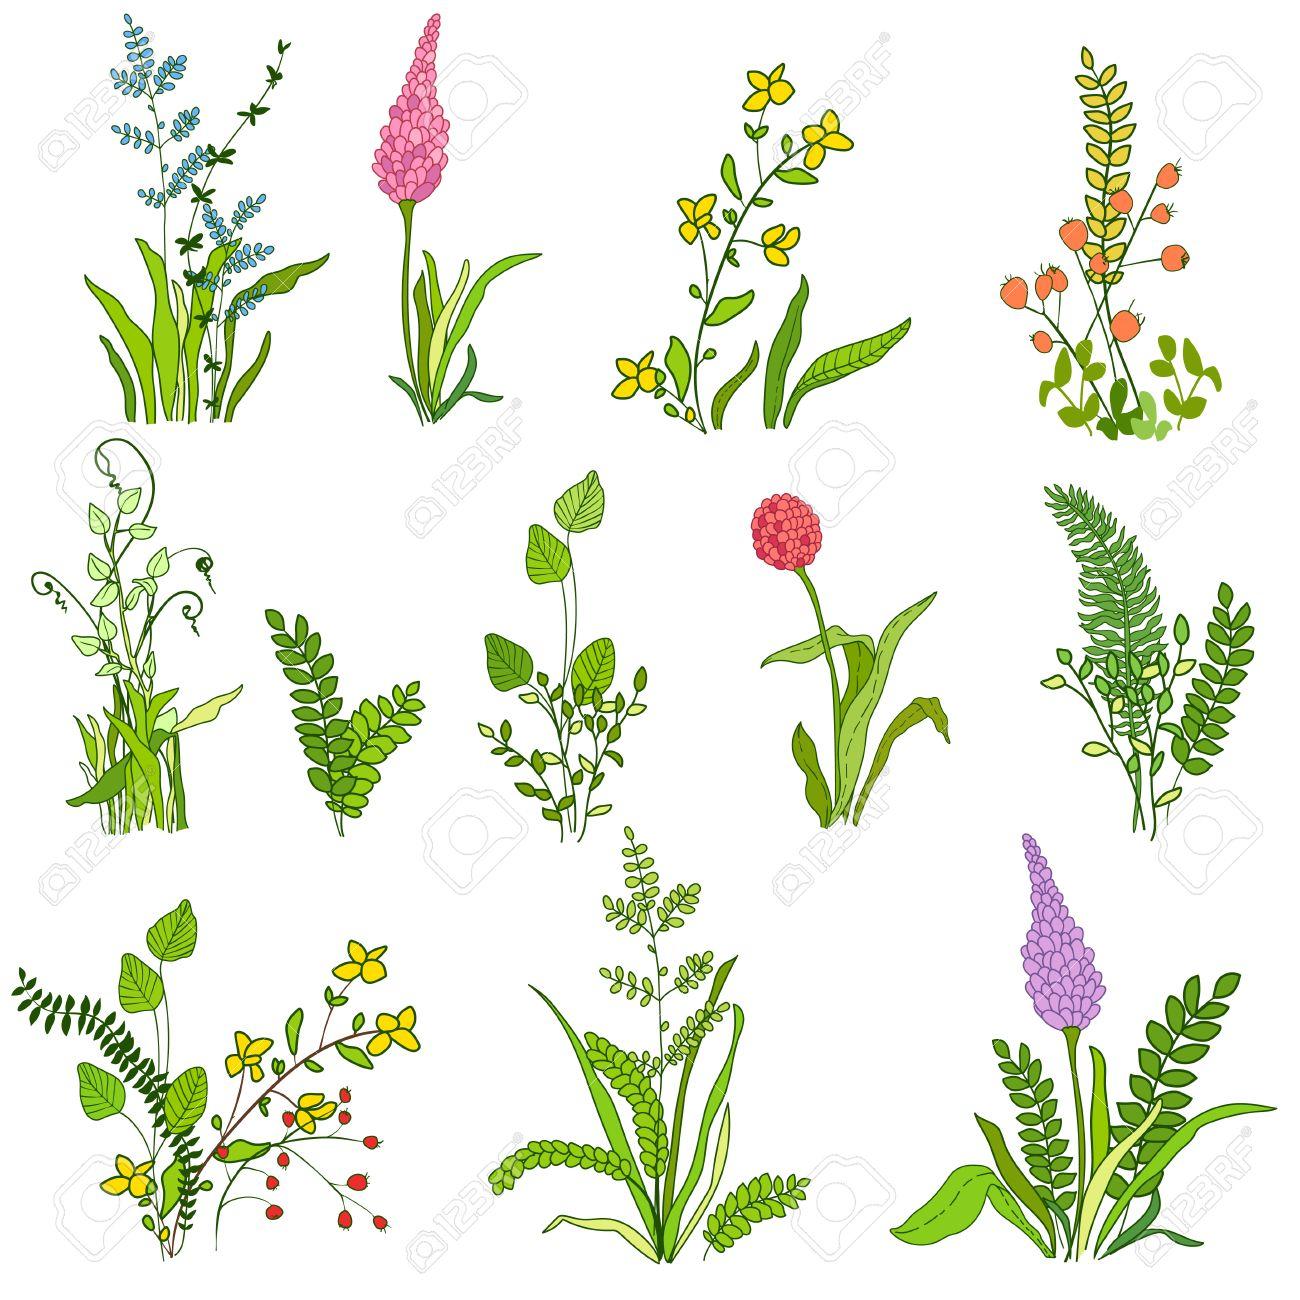 植物葉花のセットです植物クリップ アートグラフィック デザイン